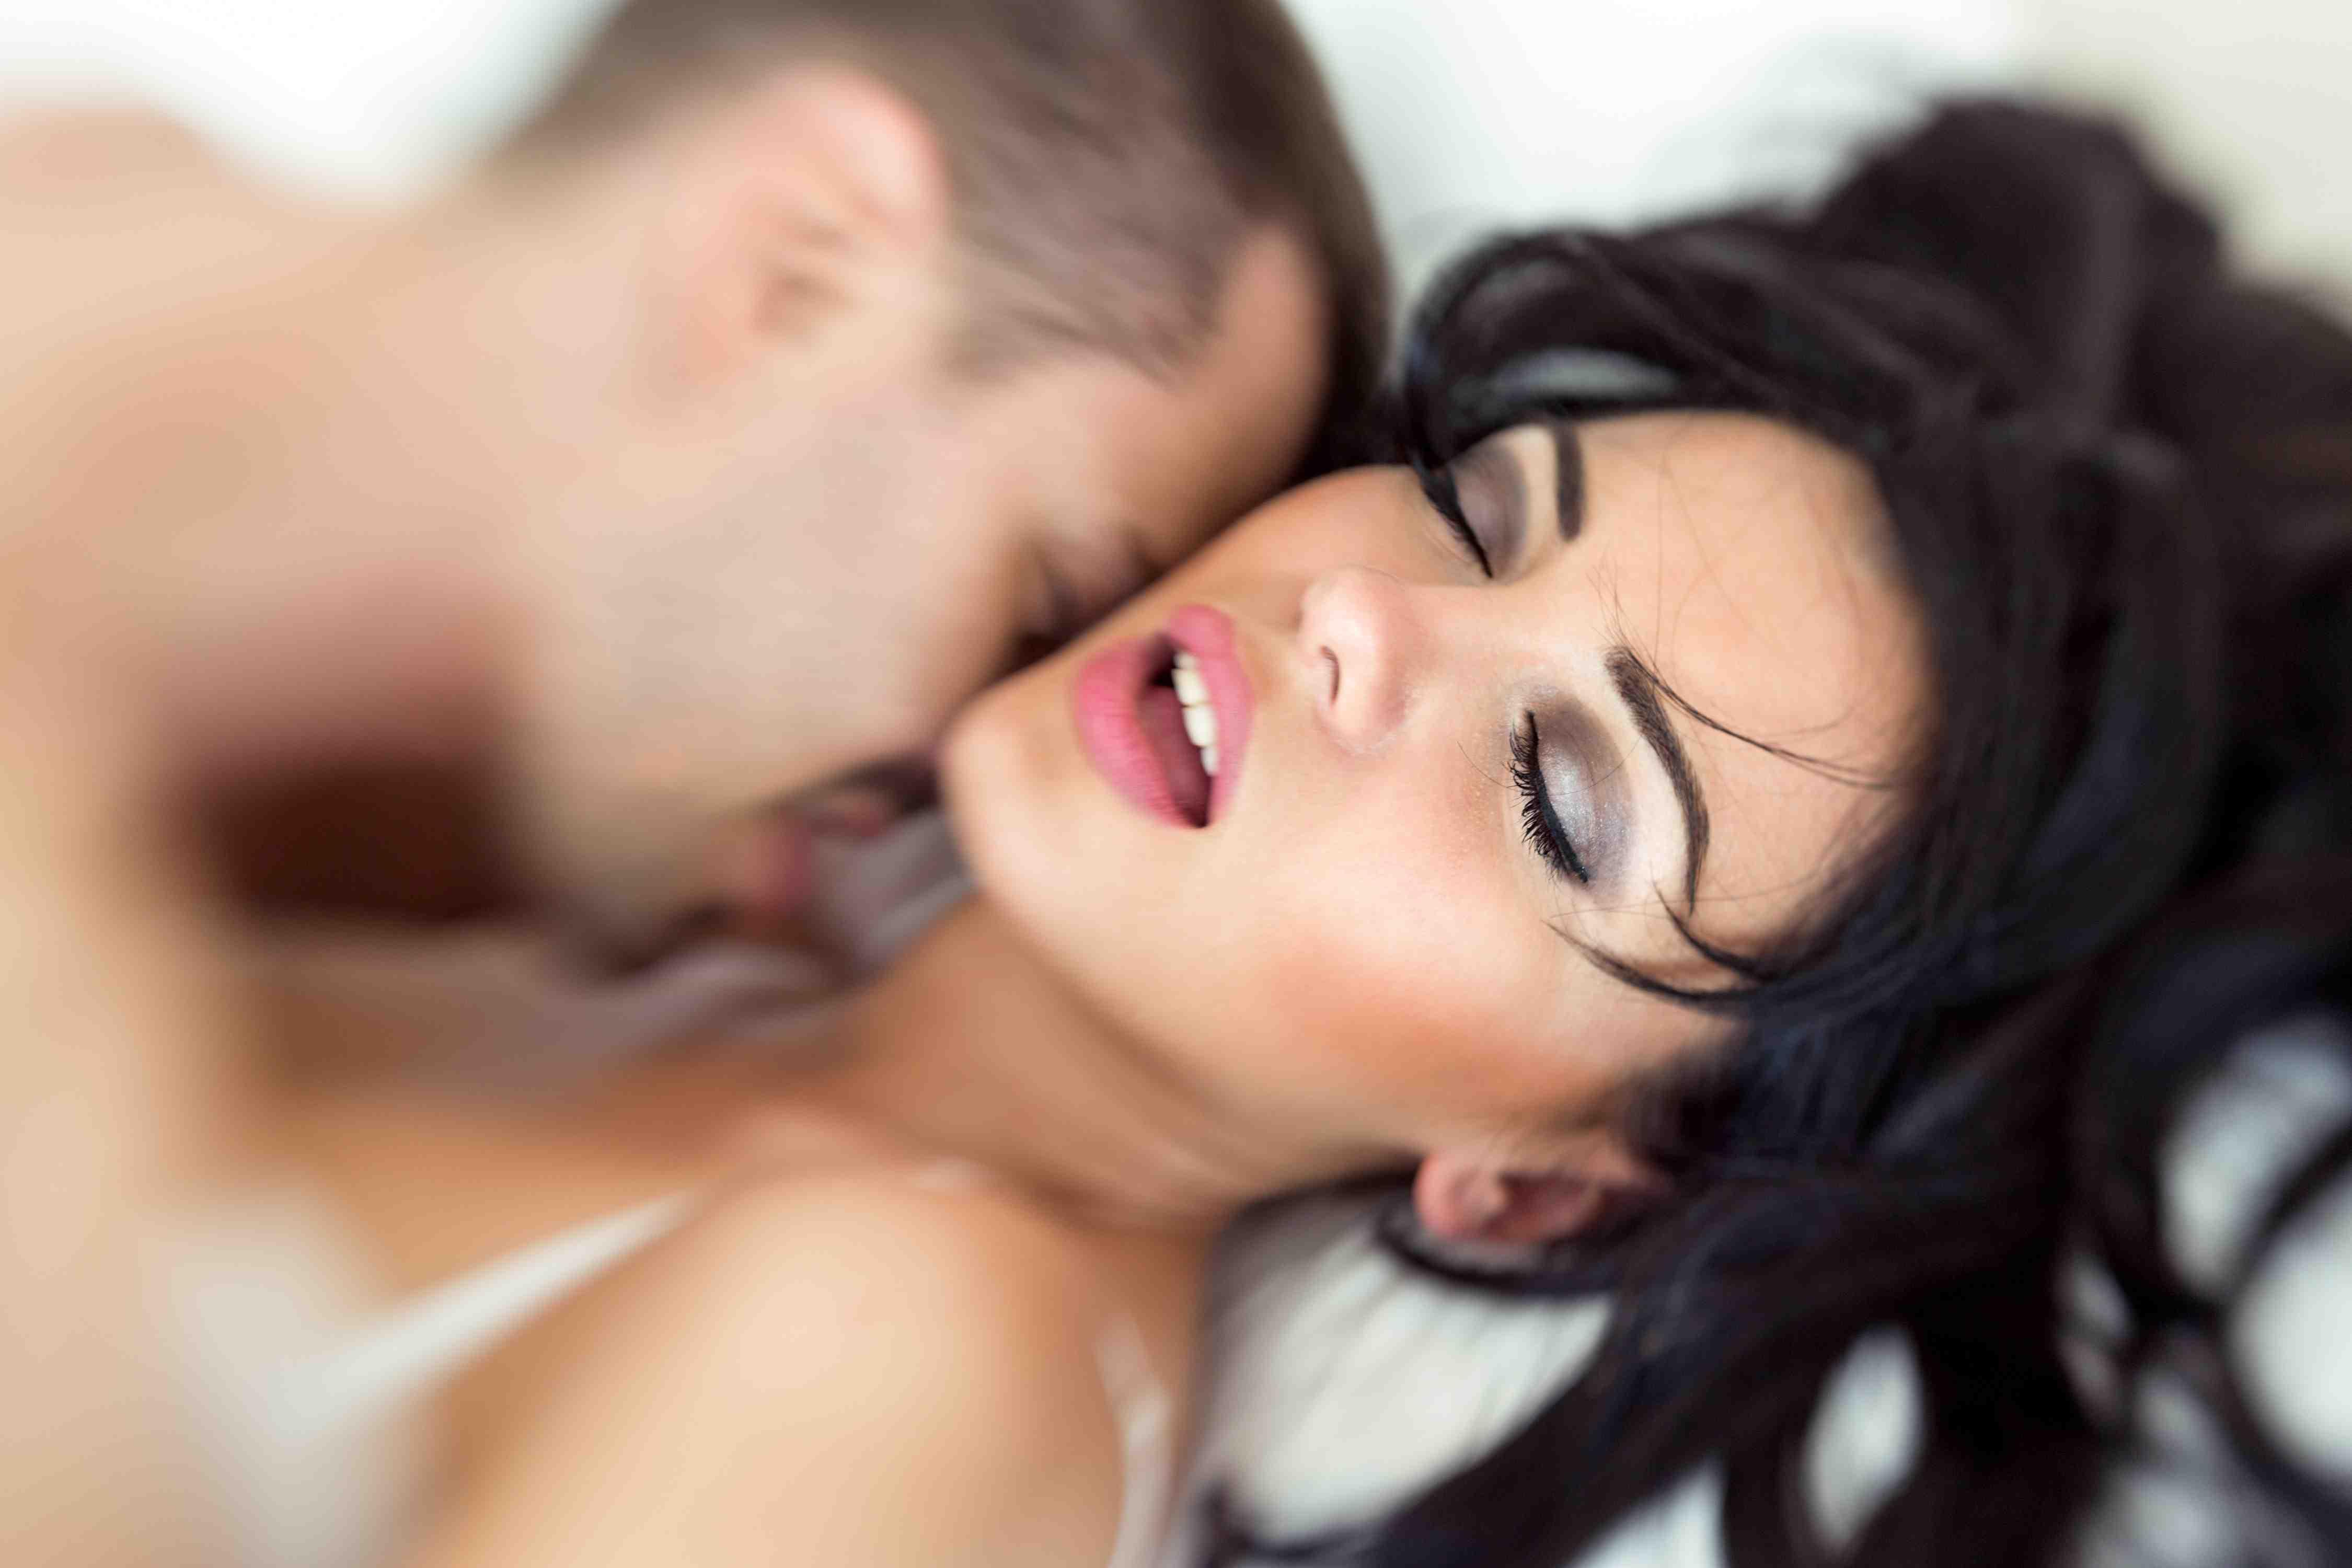 Смотреть оргазм от мужчины 7 фотография